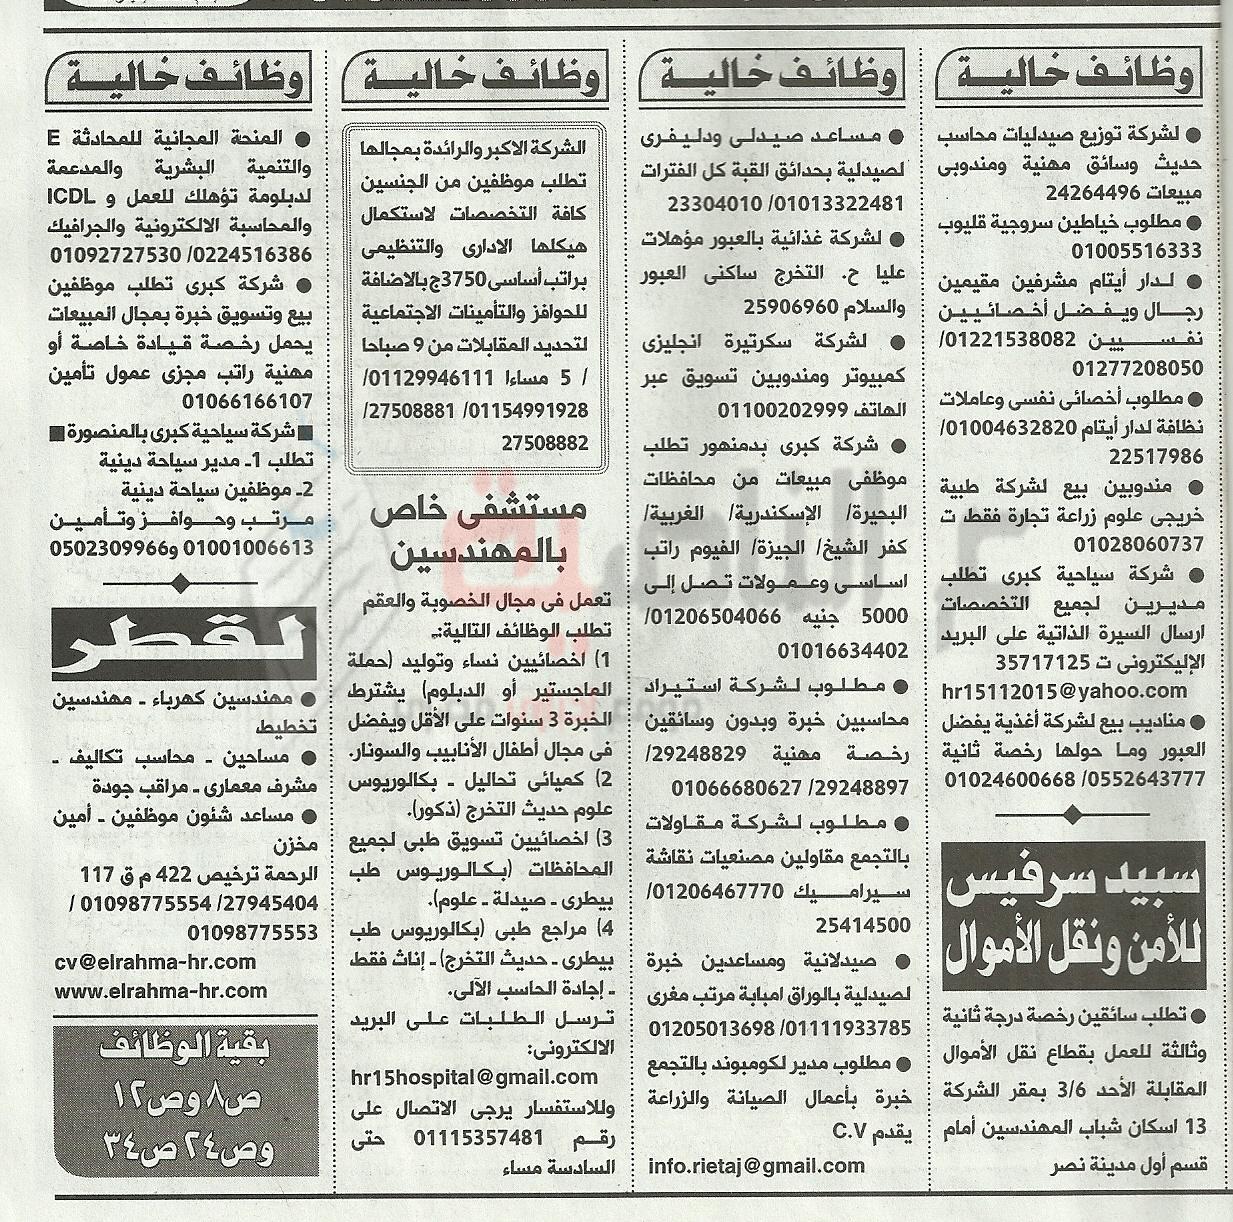 9وظائف جريدة الأهرام 3-4-2016